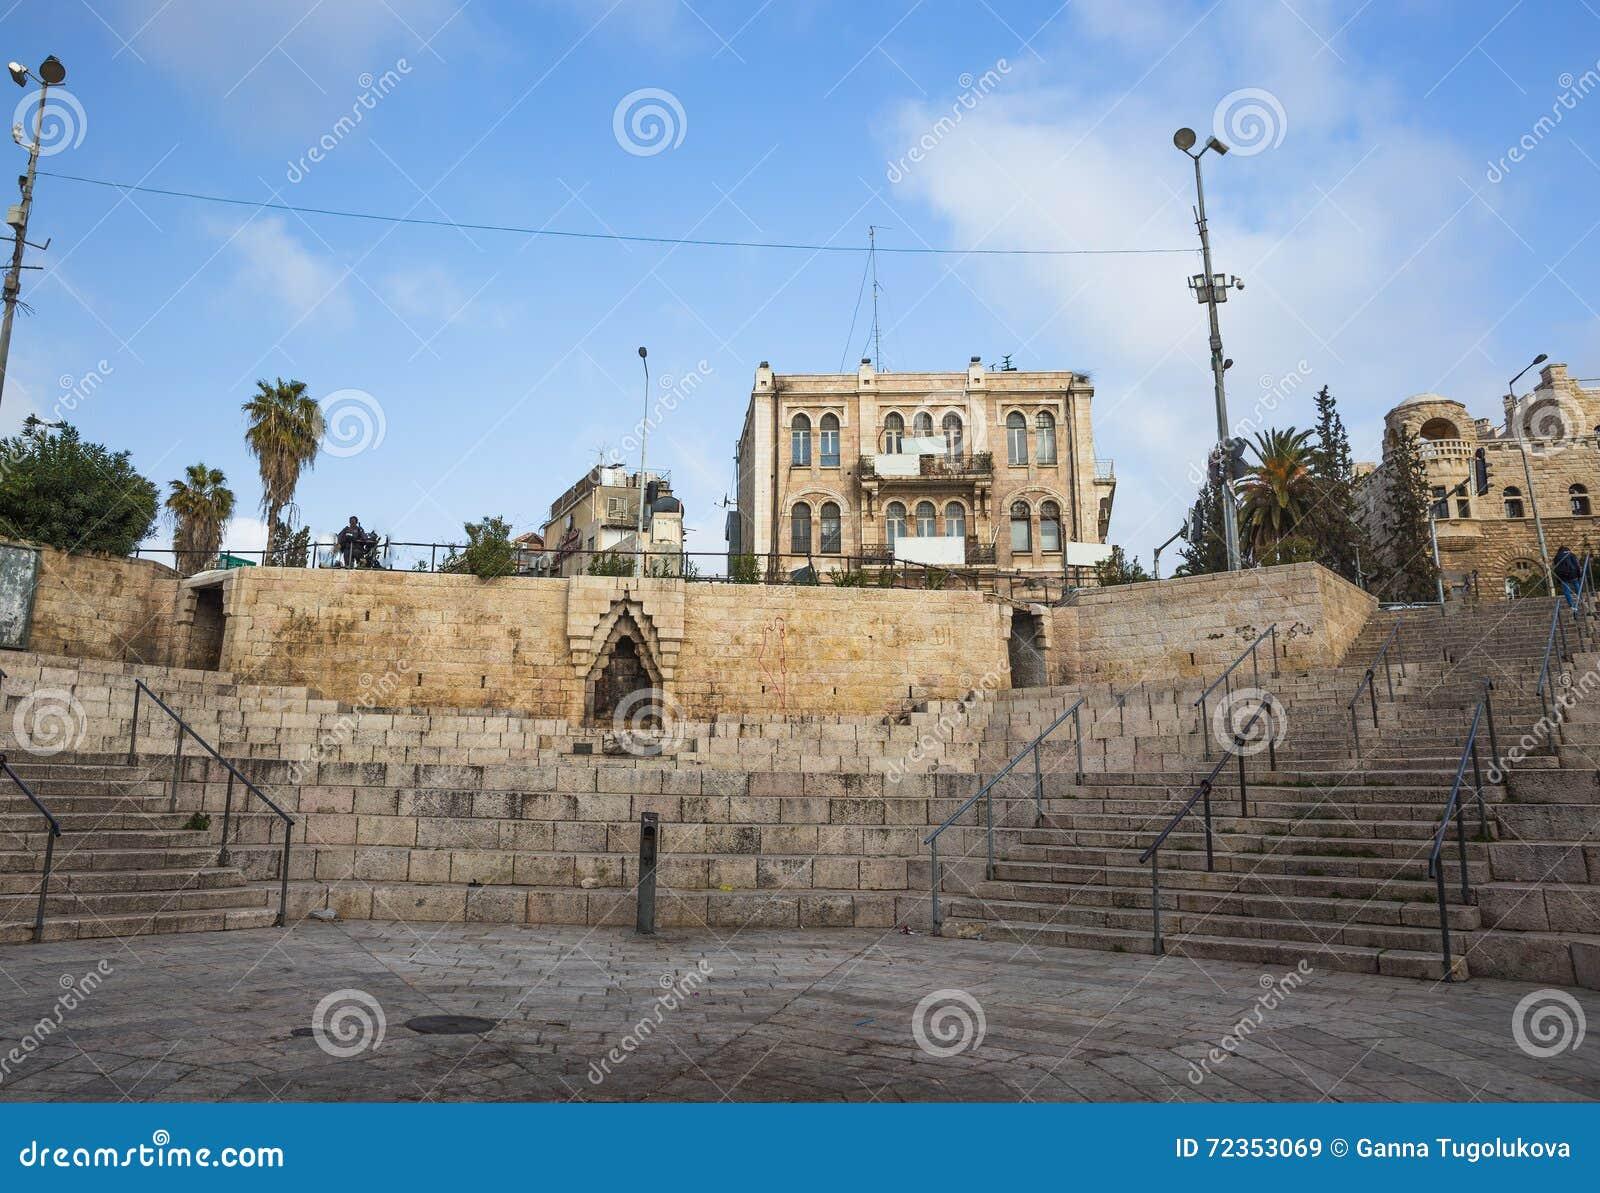 老城市耶路撒冷Viev  在neautiful大厦附近的晴朗的夏日